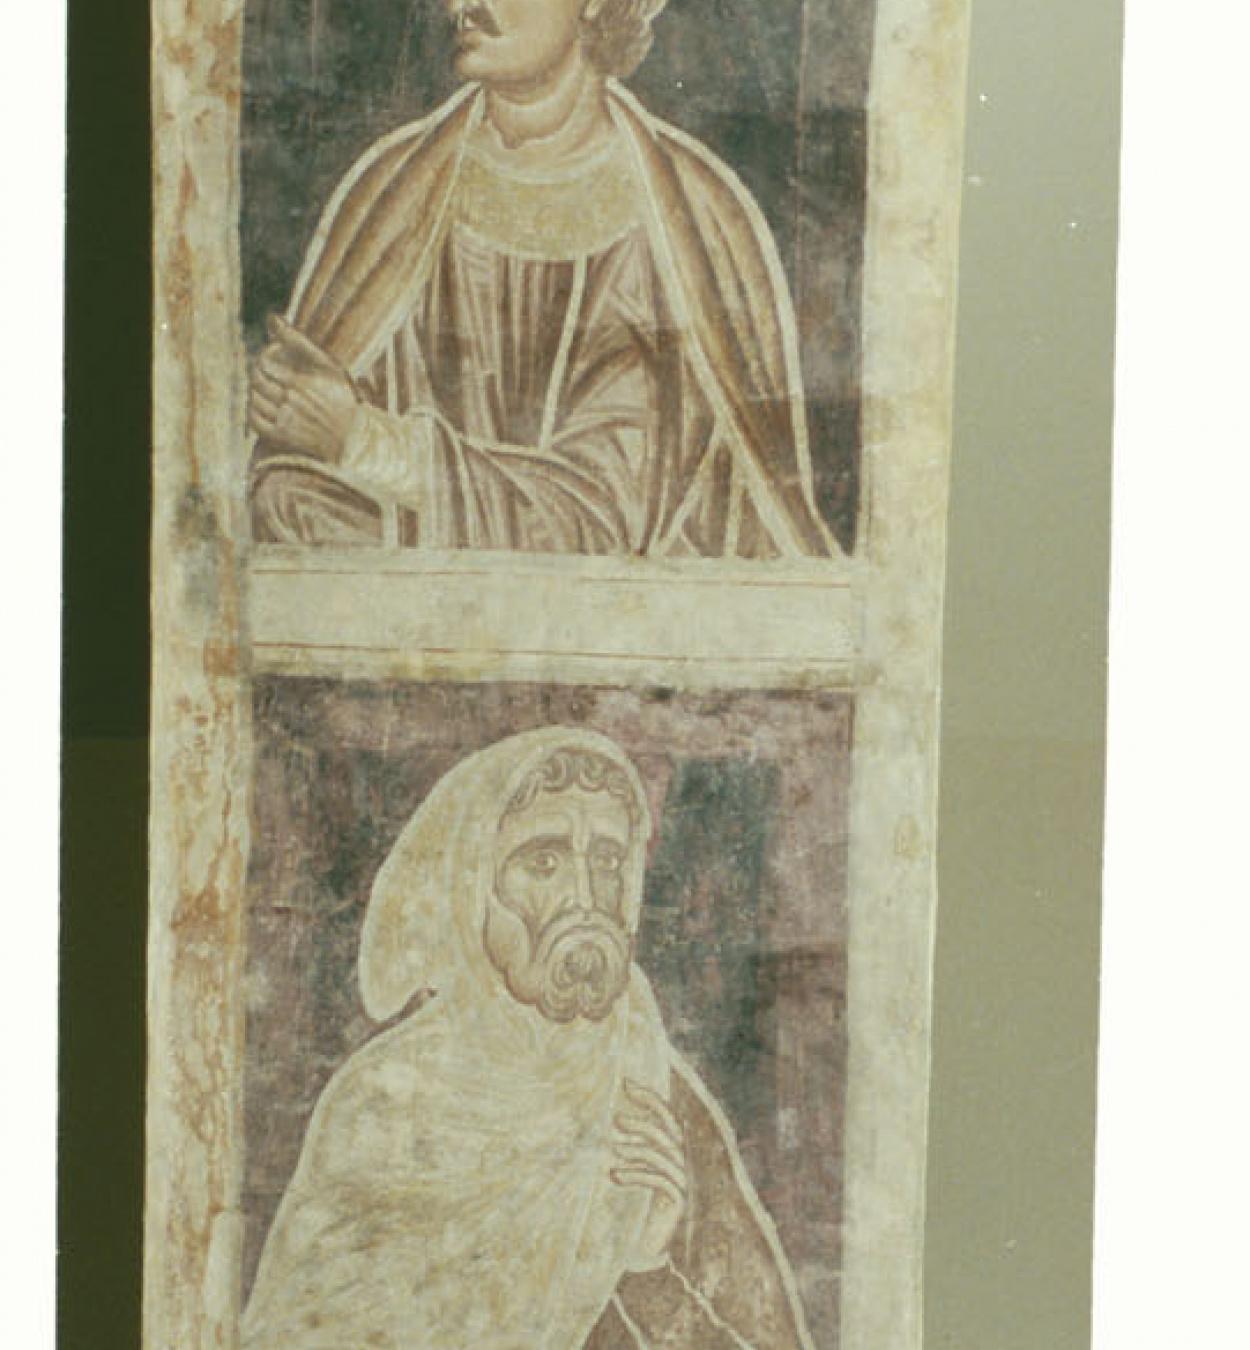 Mestre de la sala capitular de Sixena - D'Er a Simeó de la genealogia de Crist segons Lluc, de la sala capitular de Sixena - Entre 1196-1208